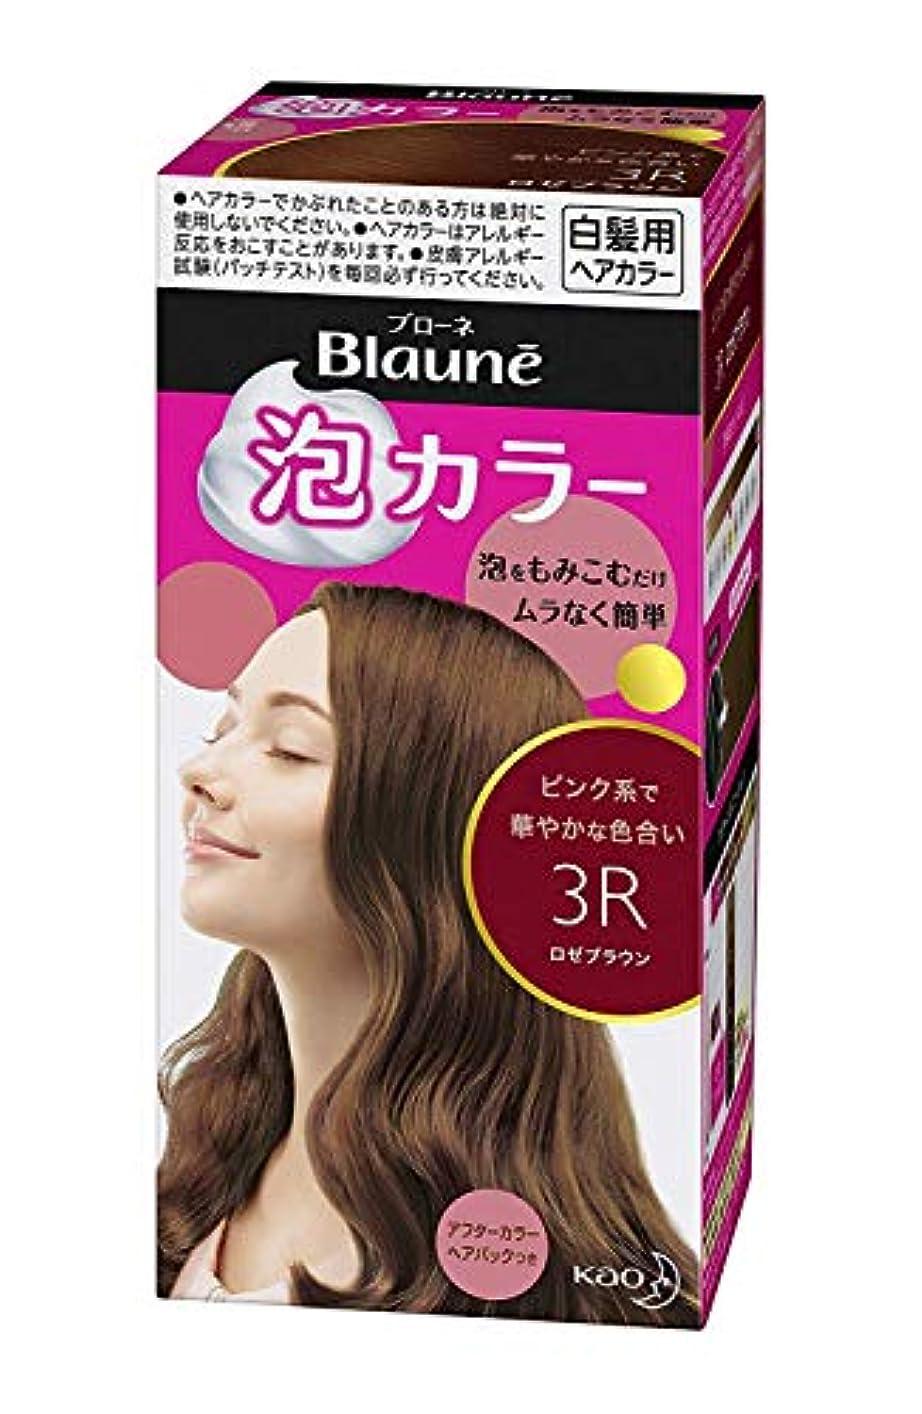 【花王】ブローネ泡カラー 3R ロゼブラウン 108ml ×10個セット